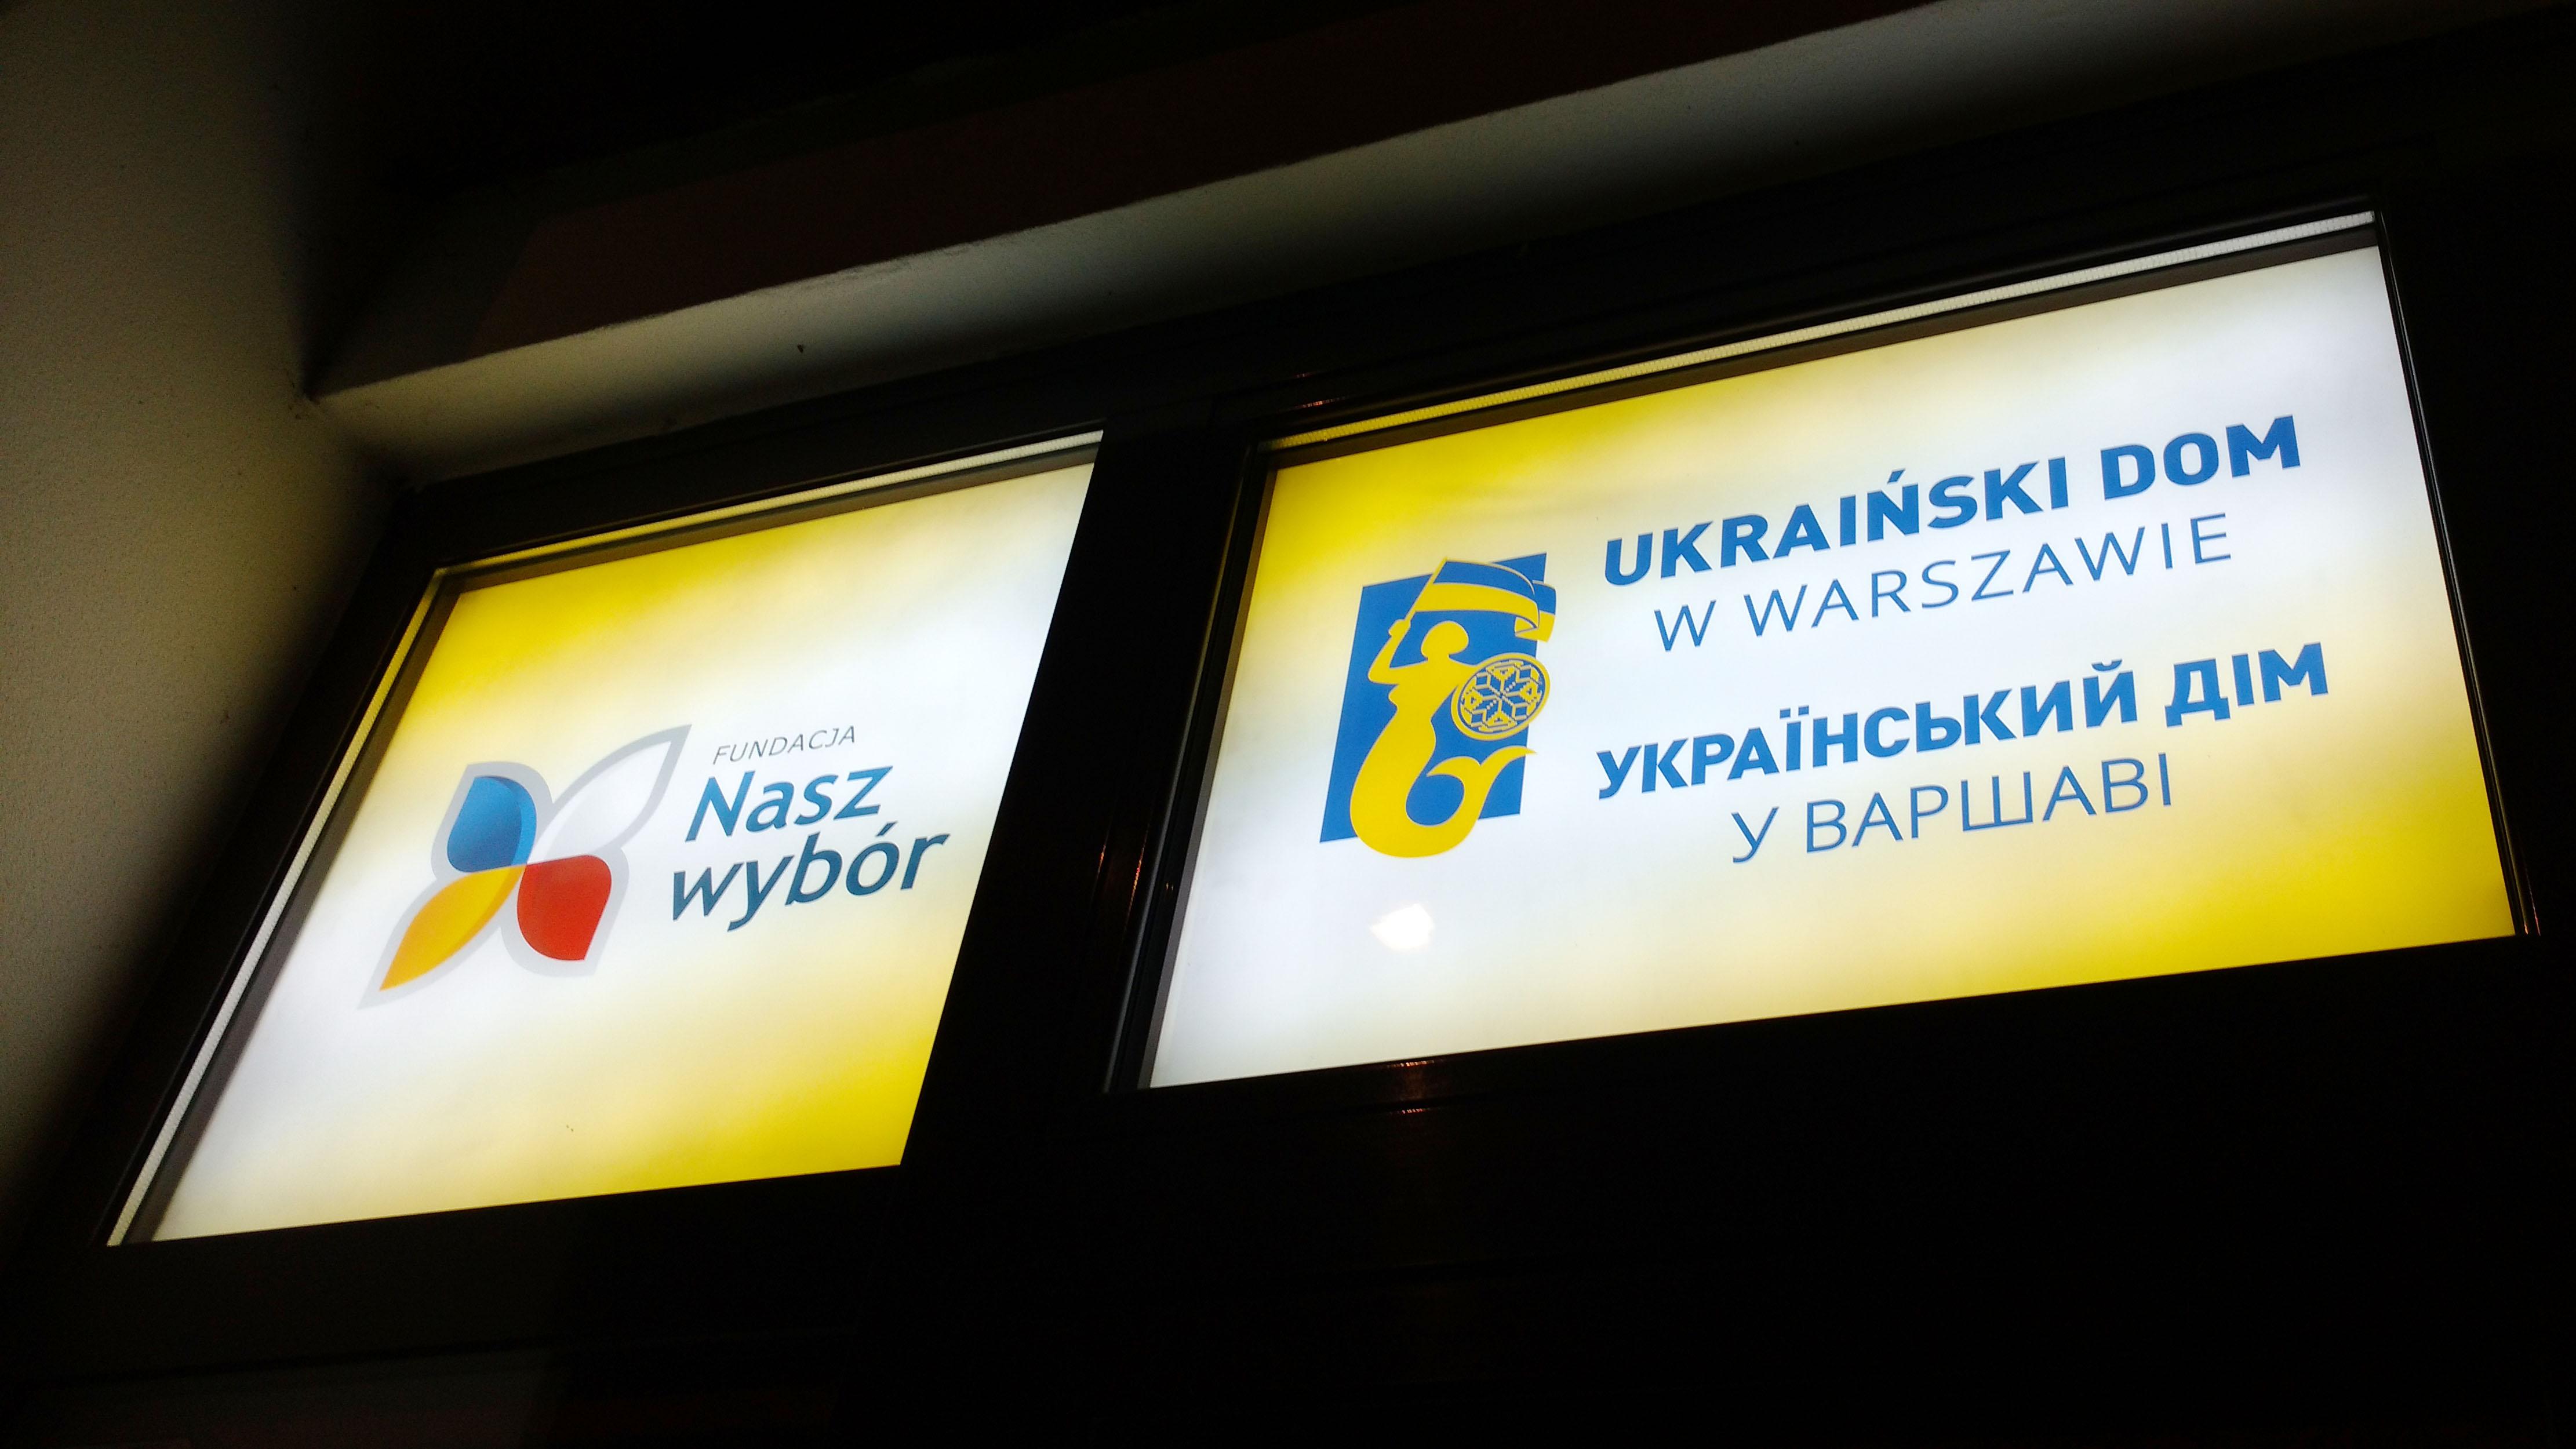 Ukraińcy o historii, kulturze i stosunkach polsko-ukraińskich